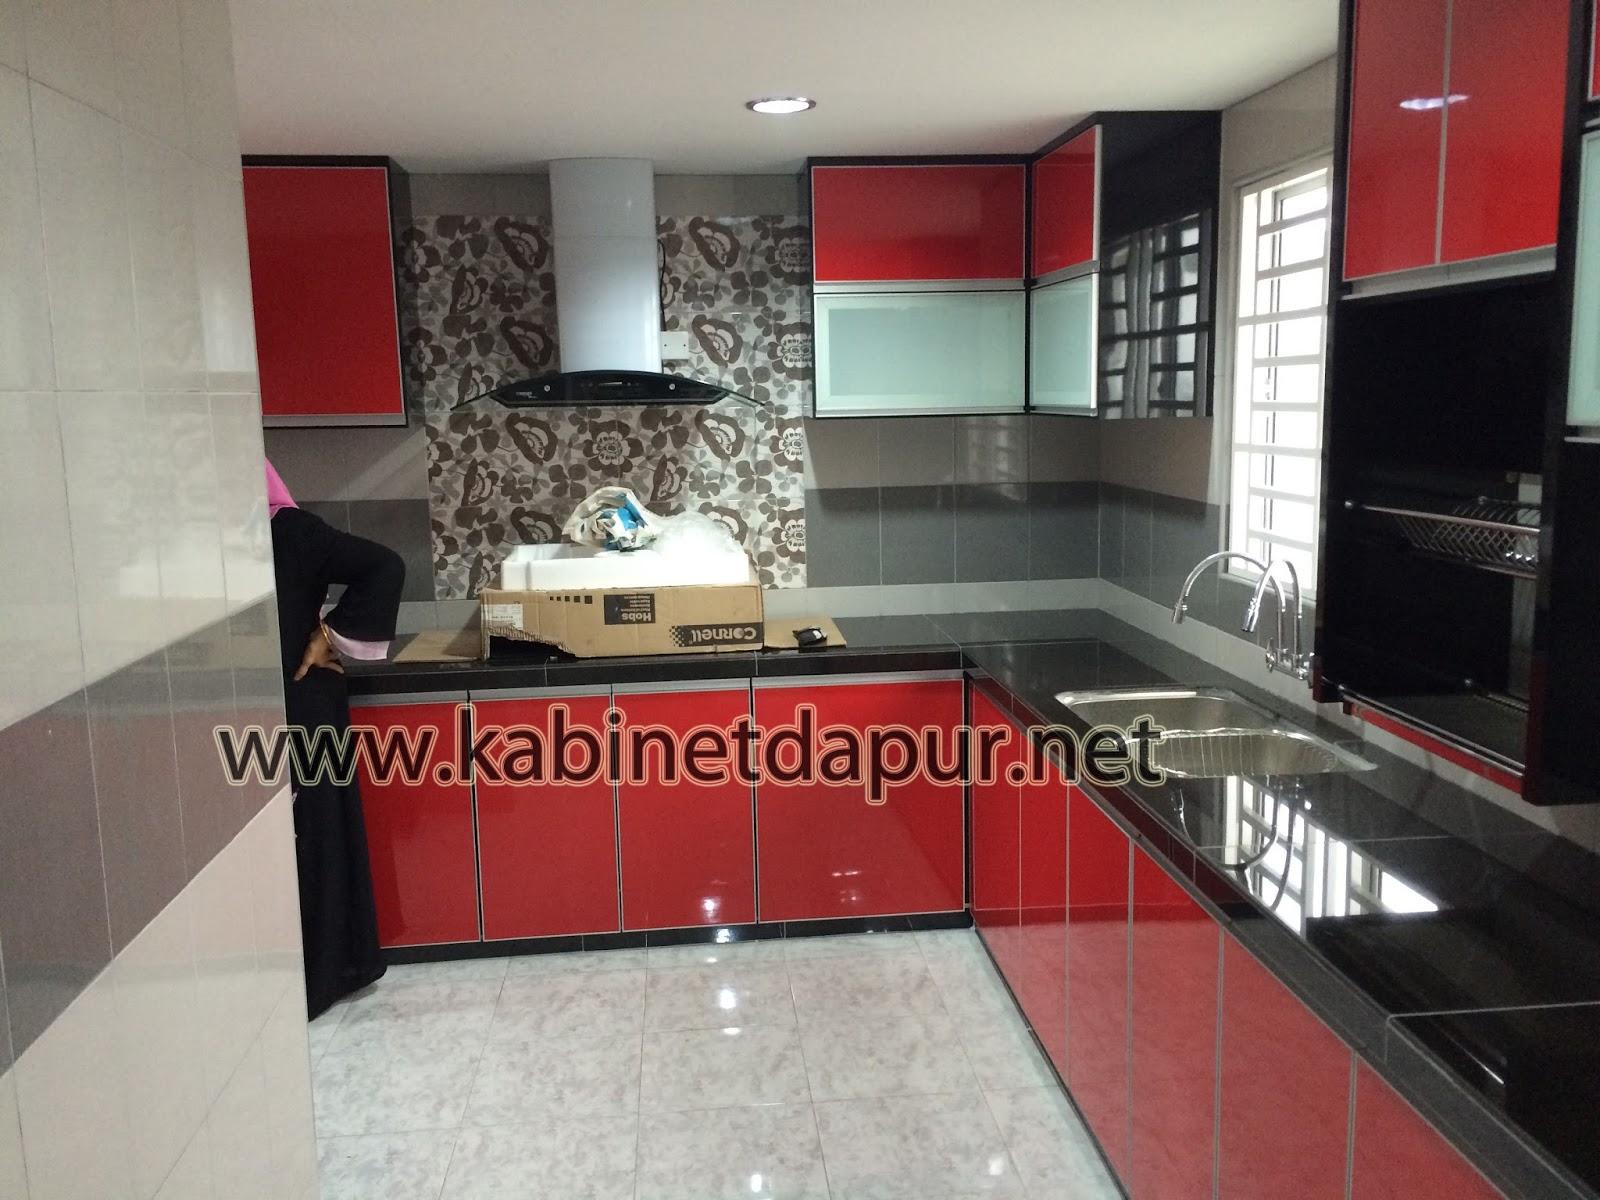 Kabinet Dapur Terkini Terbaru Desainrumahid Www 123paintcolor